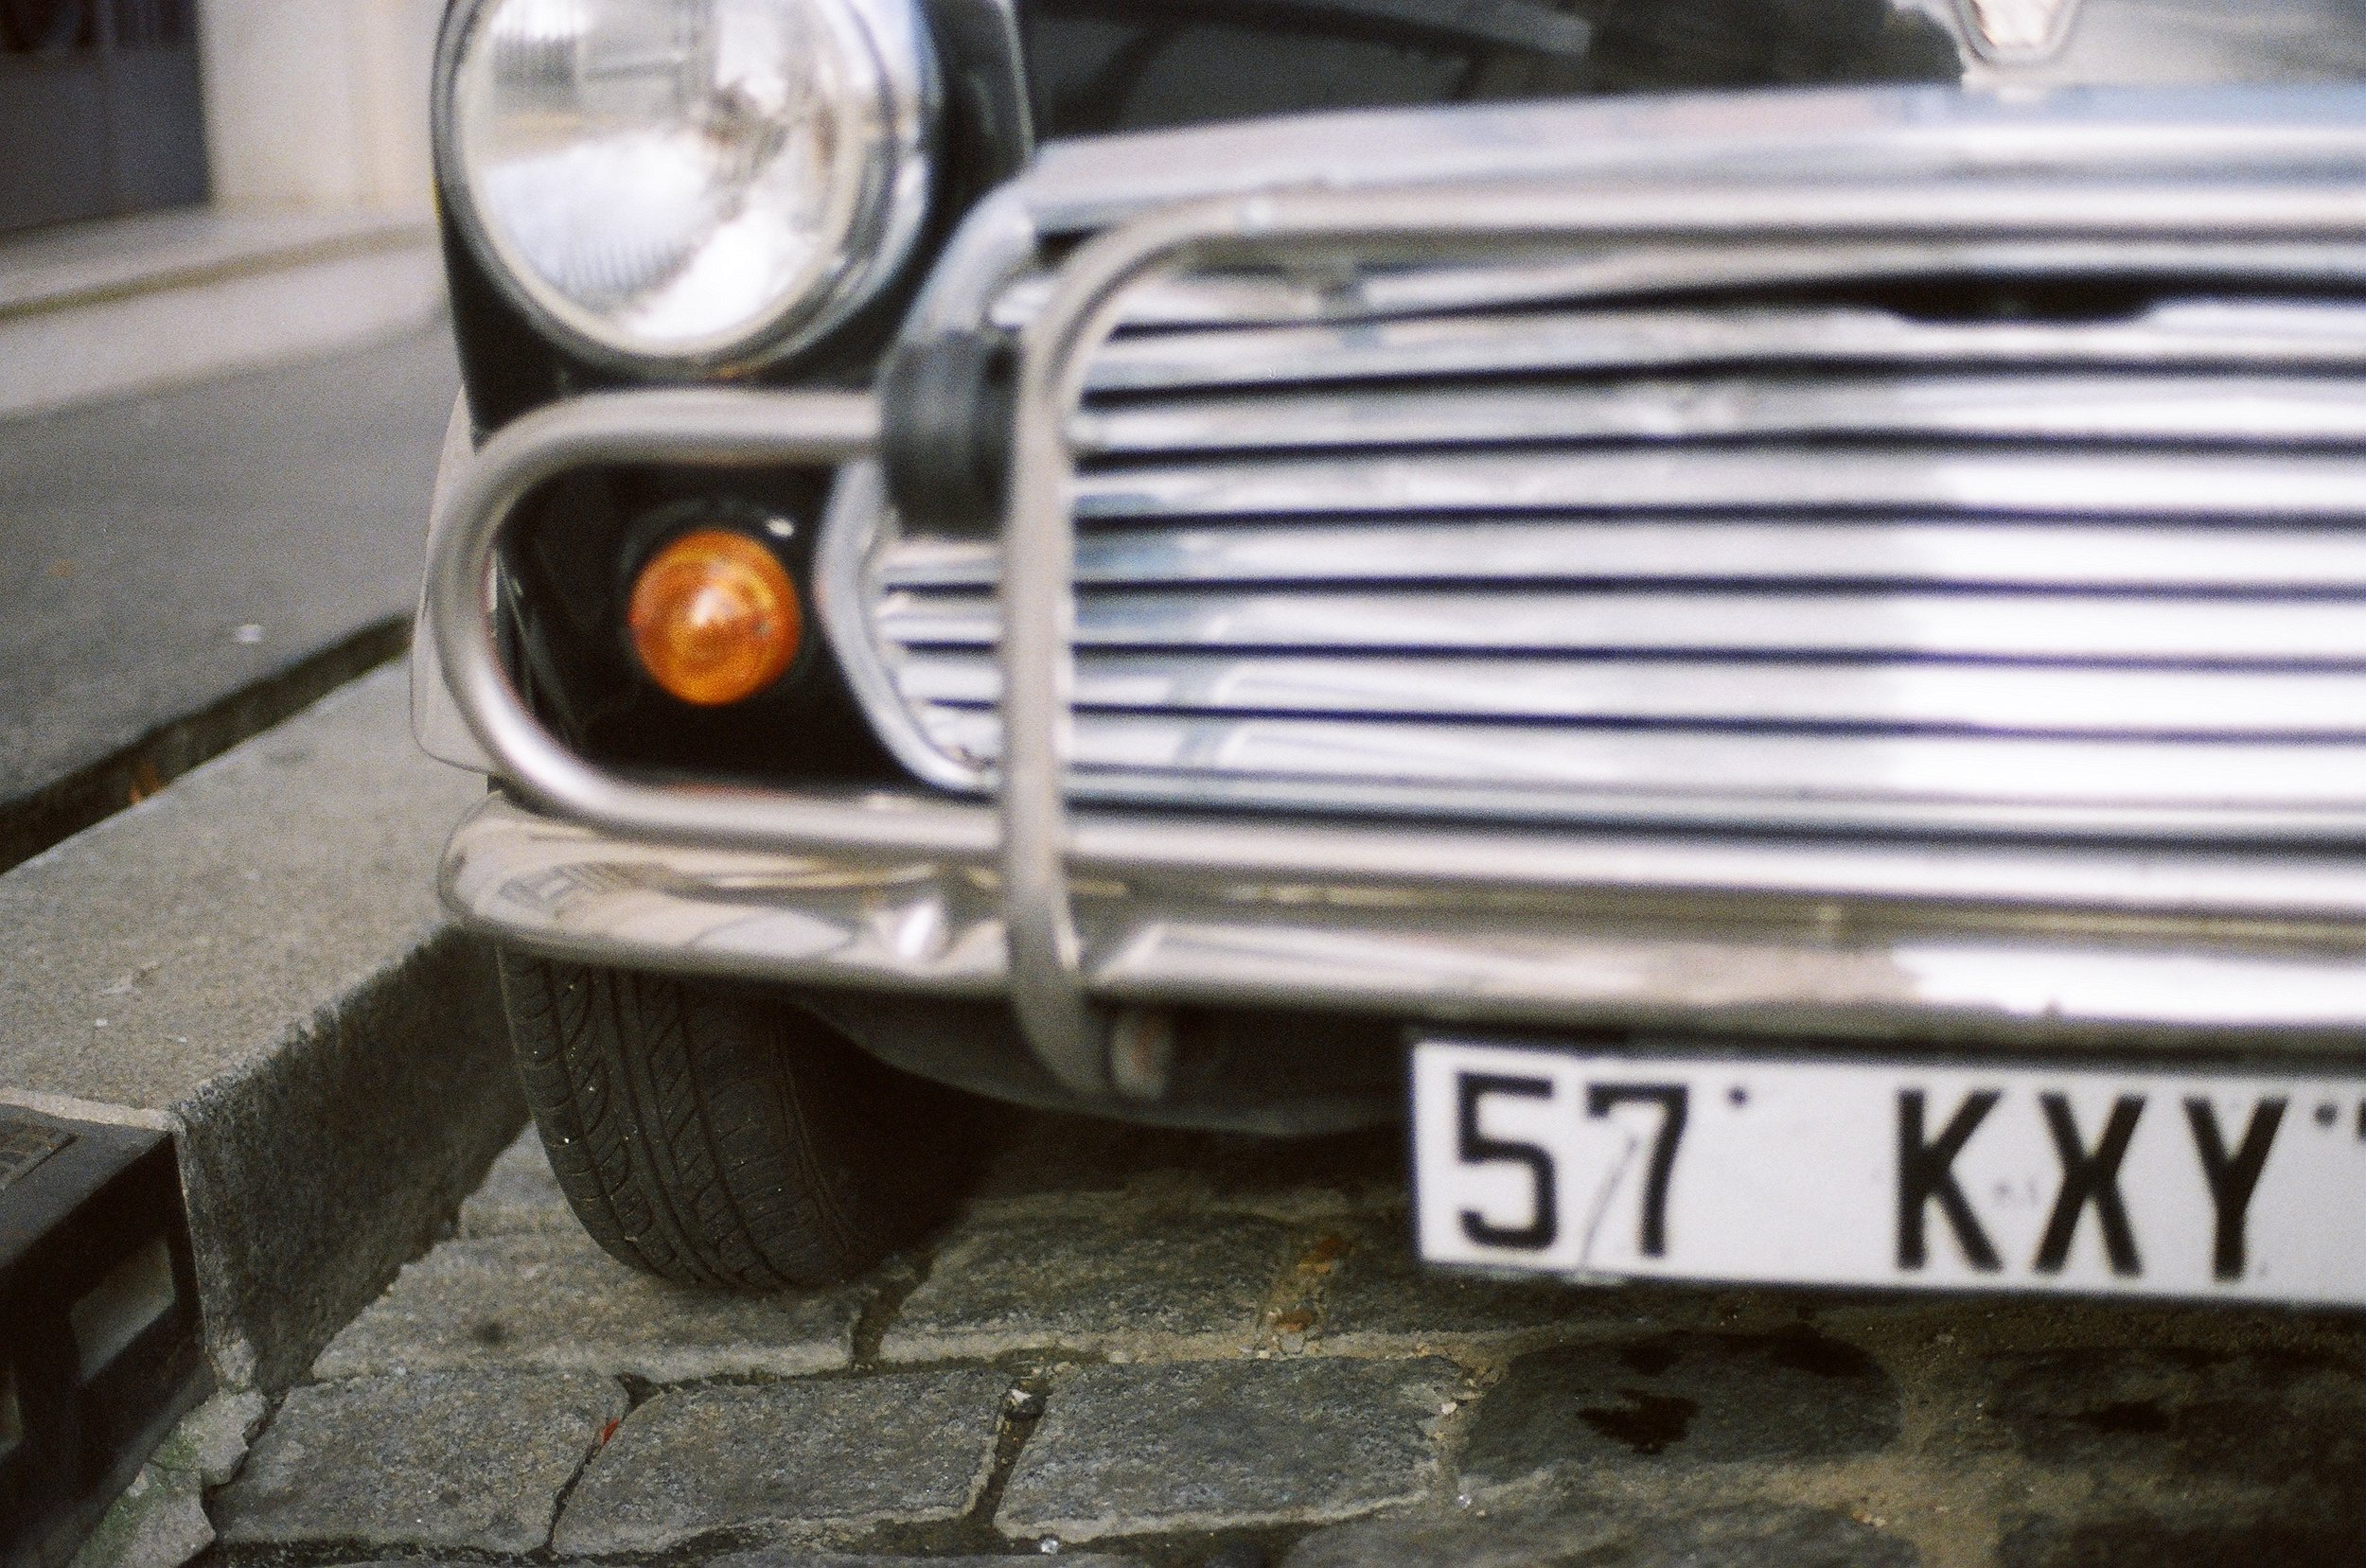 30320022.JPG